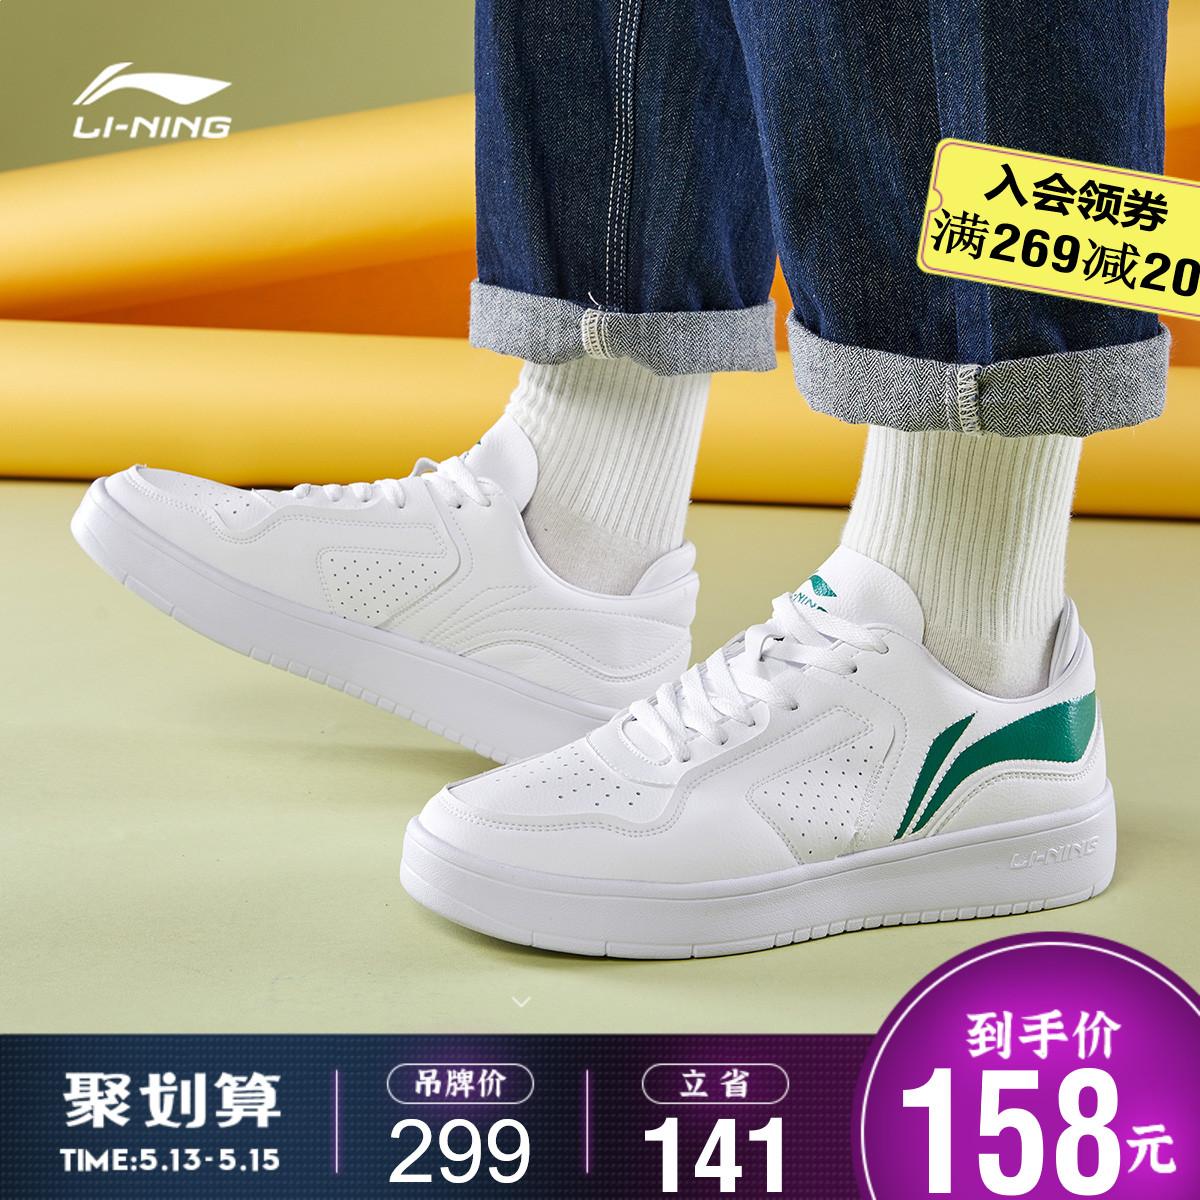 李宁板鞋男鞋休闲鞋夏季新款透气男士运动鞋白色低帮百搭小白鞋男